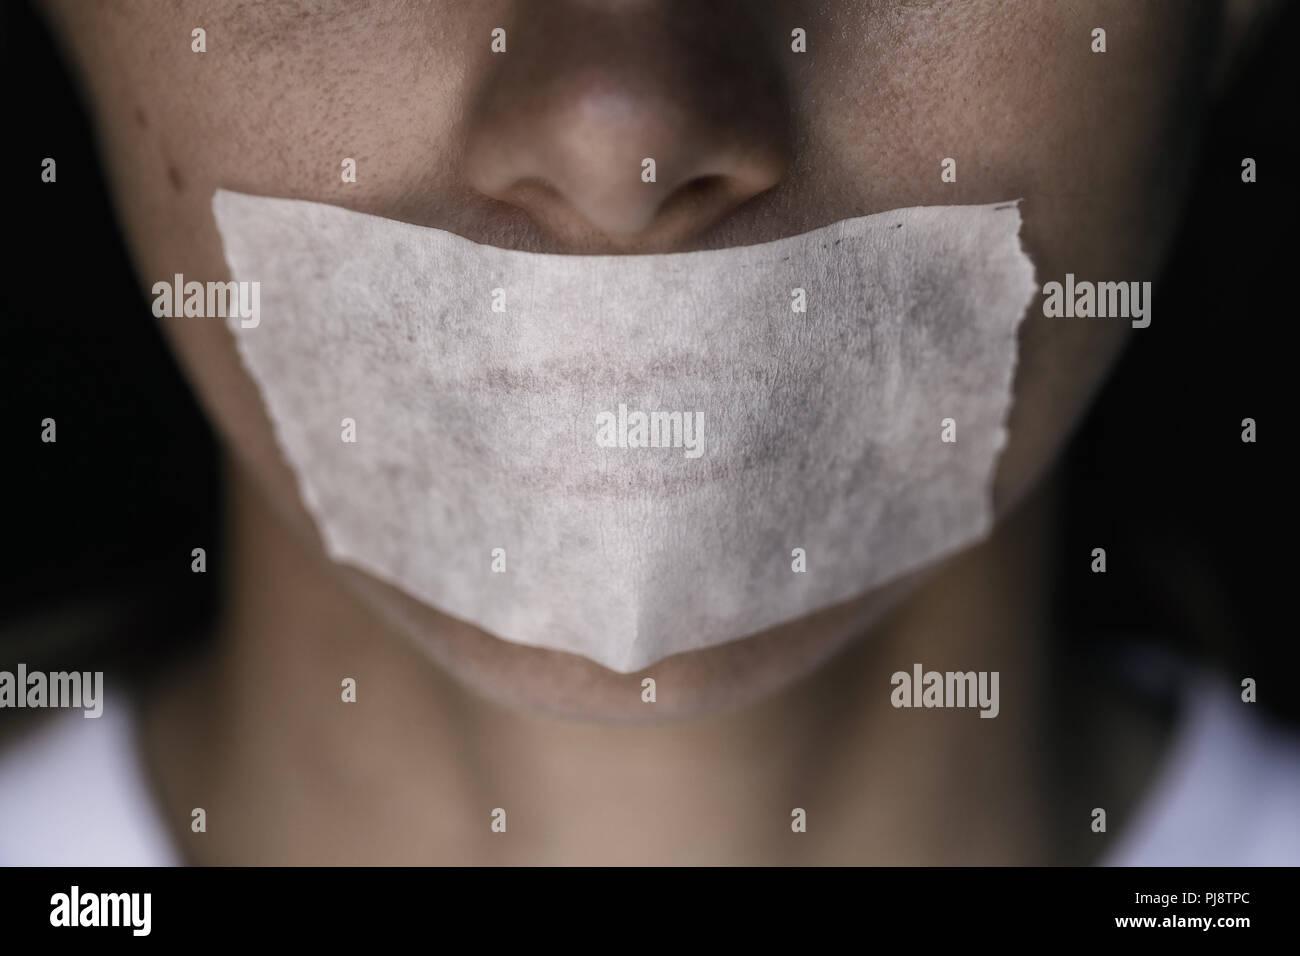 La censure dans le monde moderne: la bouche d'un homme fermé avec un ruban adhésif, close-up Photo Stock